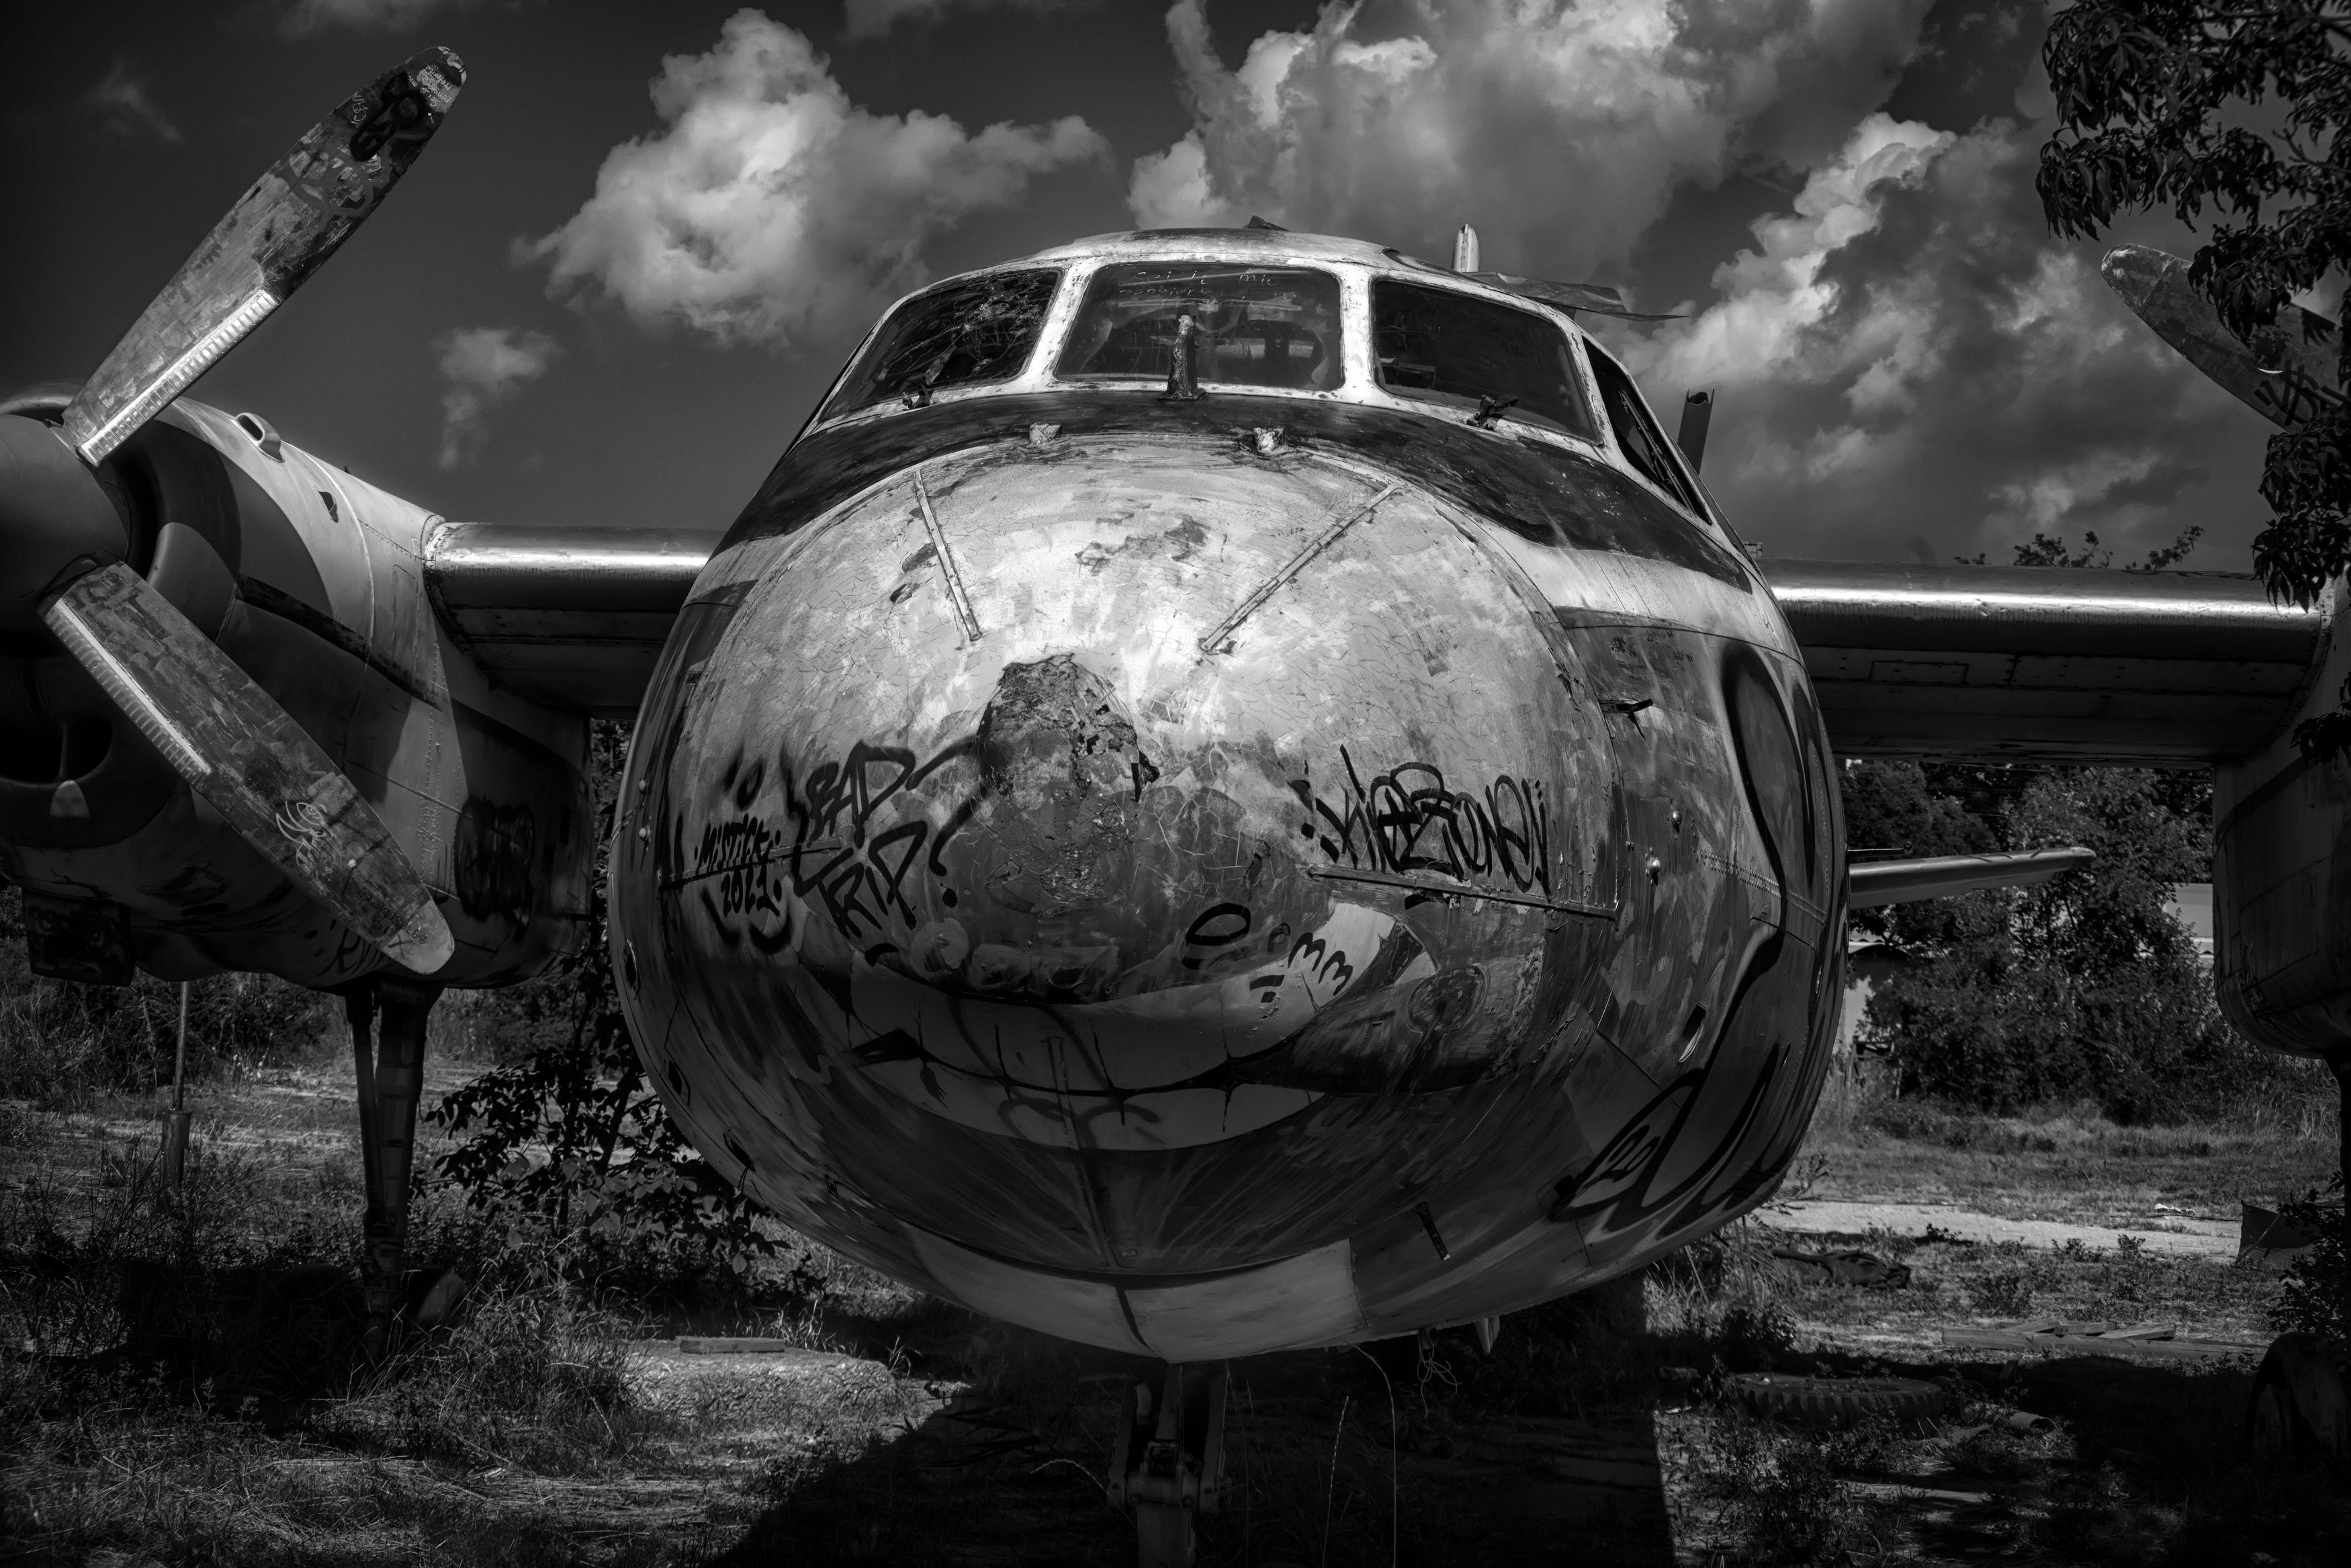 чёрное белое, самолёт,списание,стоянка,старость,авиация,небо,облака, Тамара